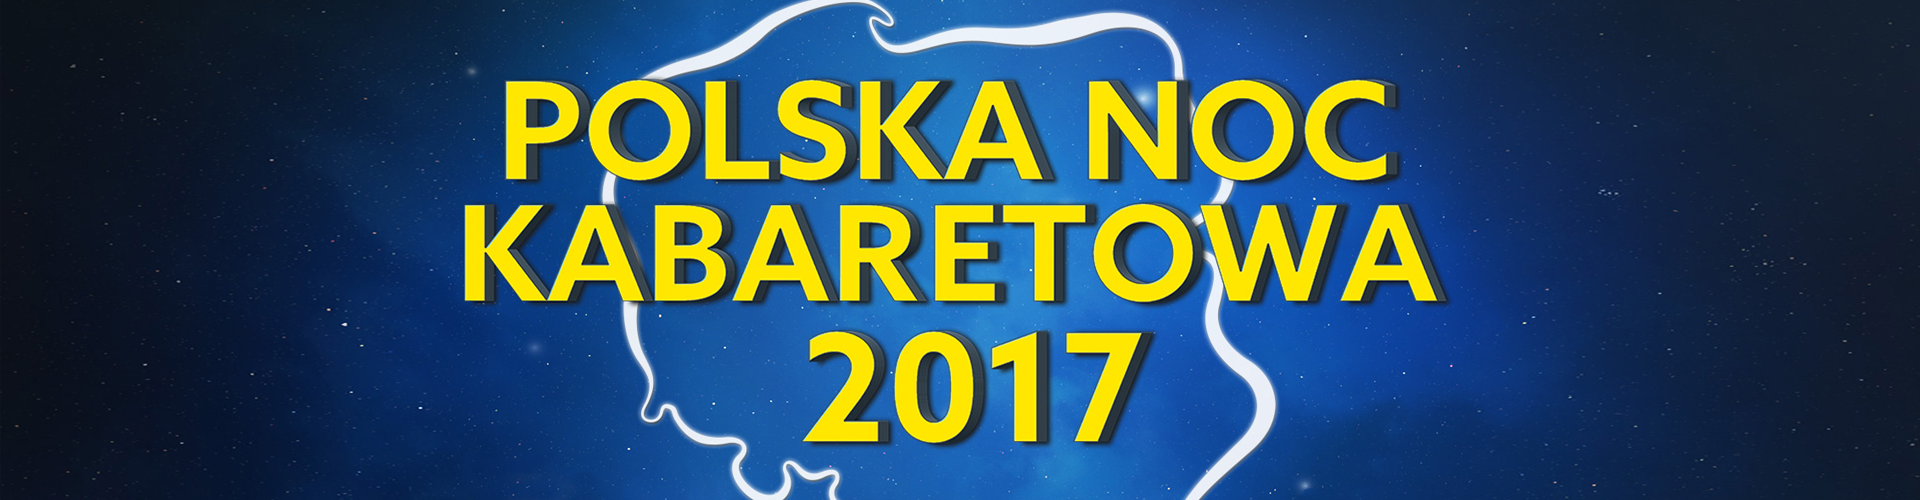 slide_polskanockabaretowa_2017